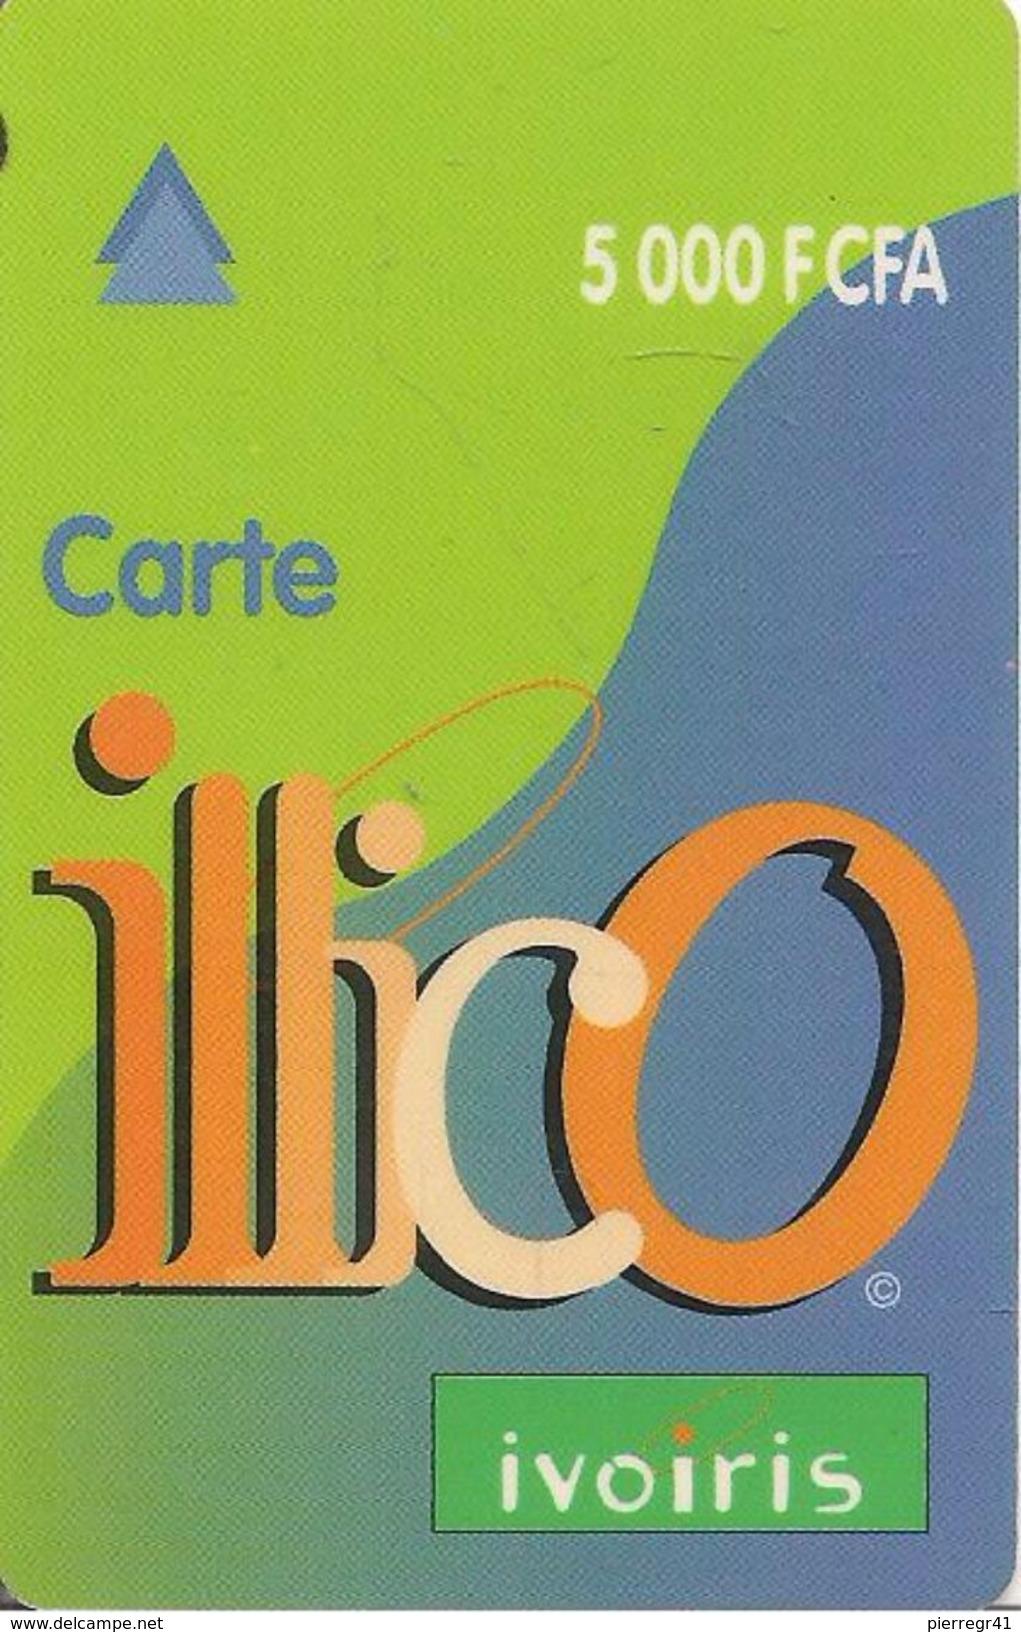 CARTE+PREPAYEE-COTE D IVOIRE-ILLICO-5000F CFA-GRATTE-TBE - Ivory Coast